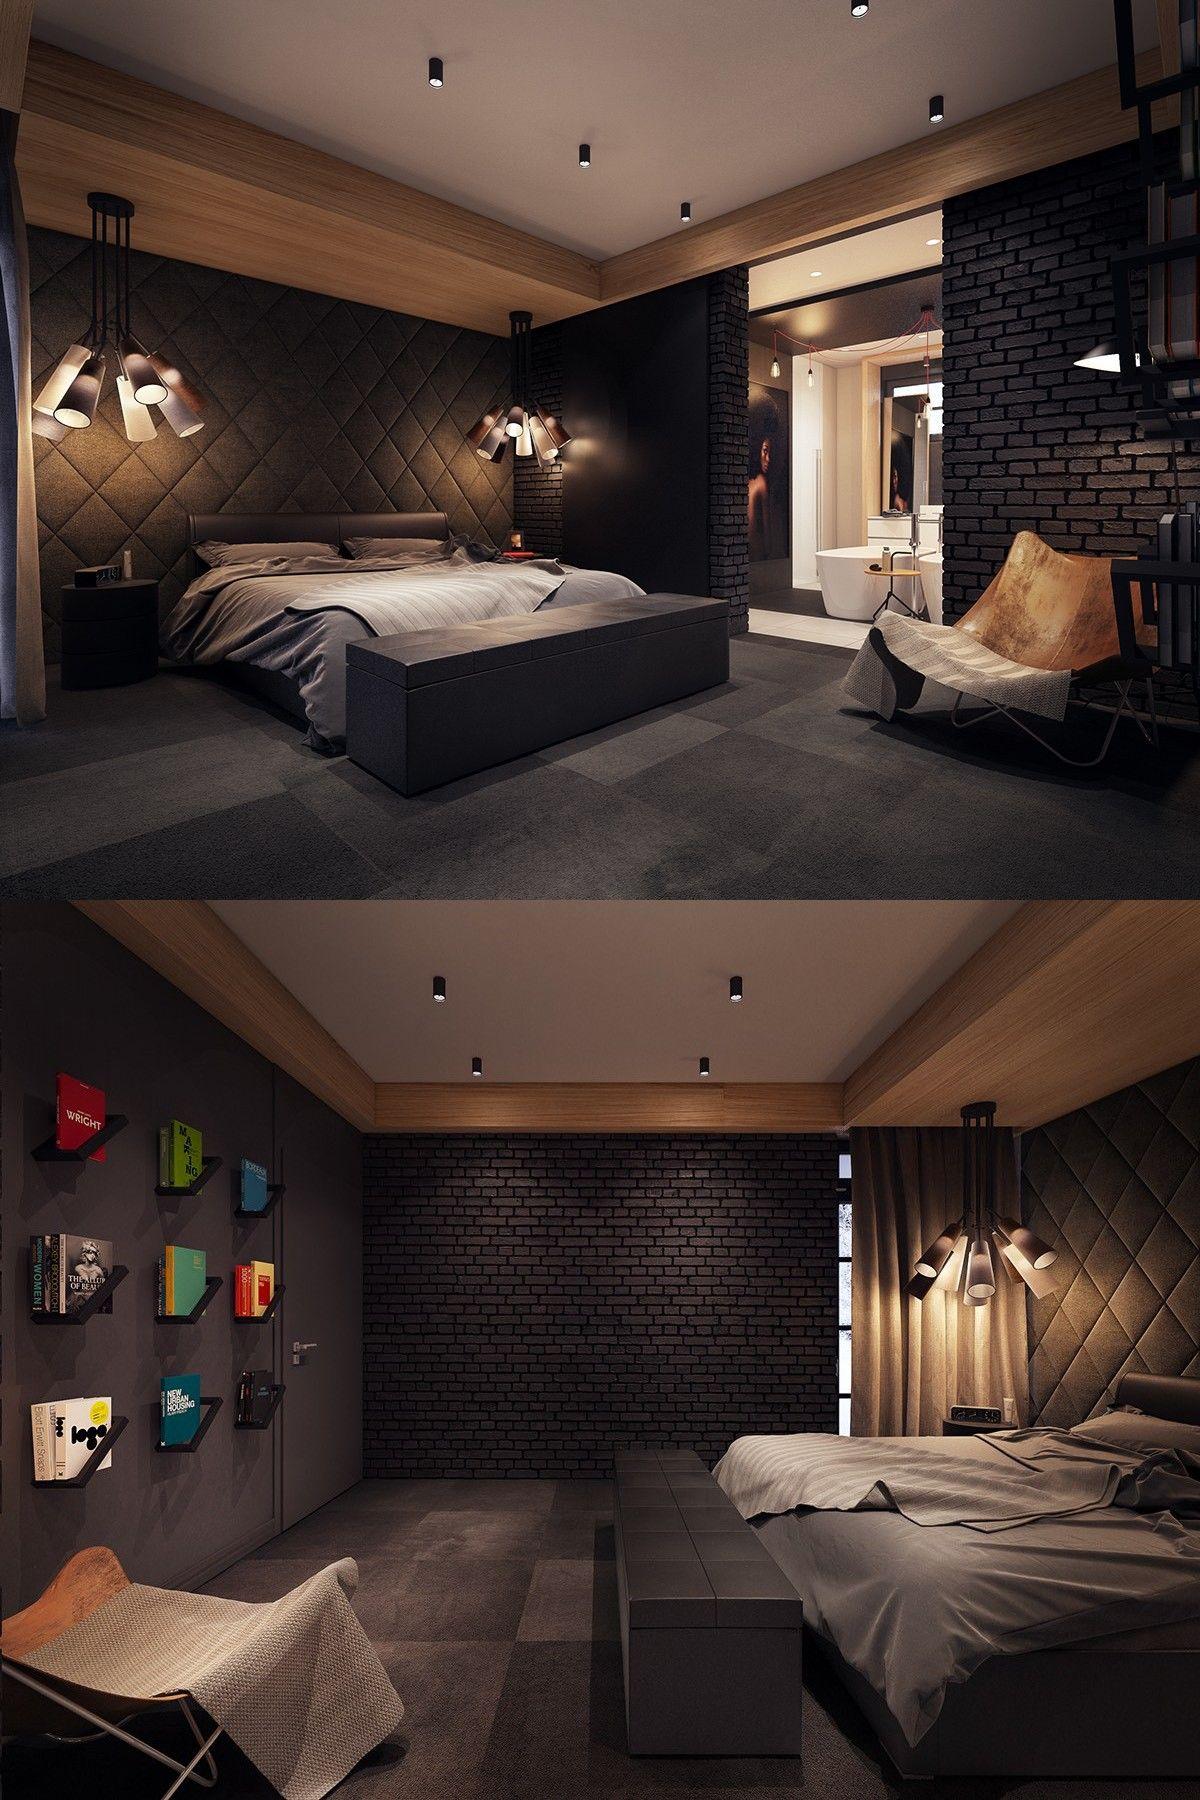 Darling Dunklen Schlafzimmer Ideen Plus Herren Schlafzimmer Farben